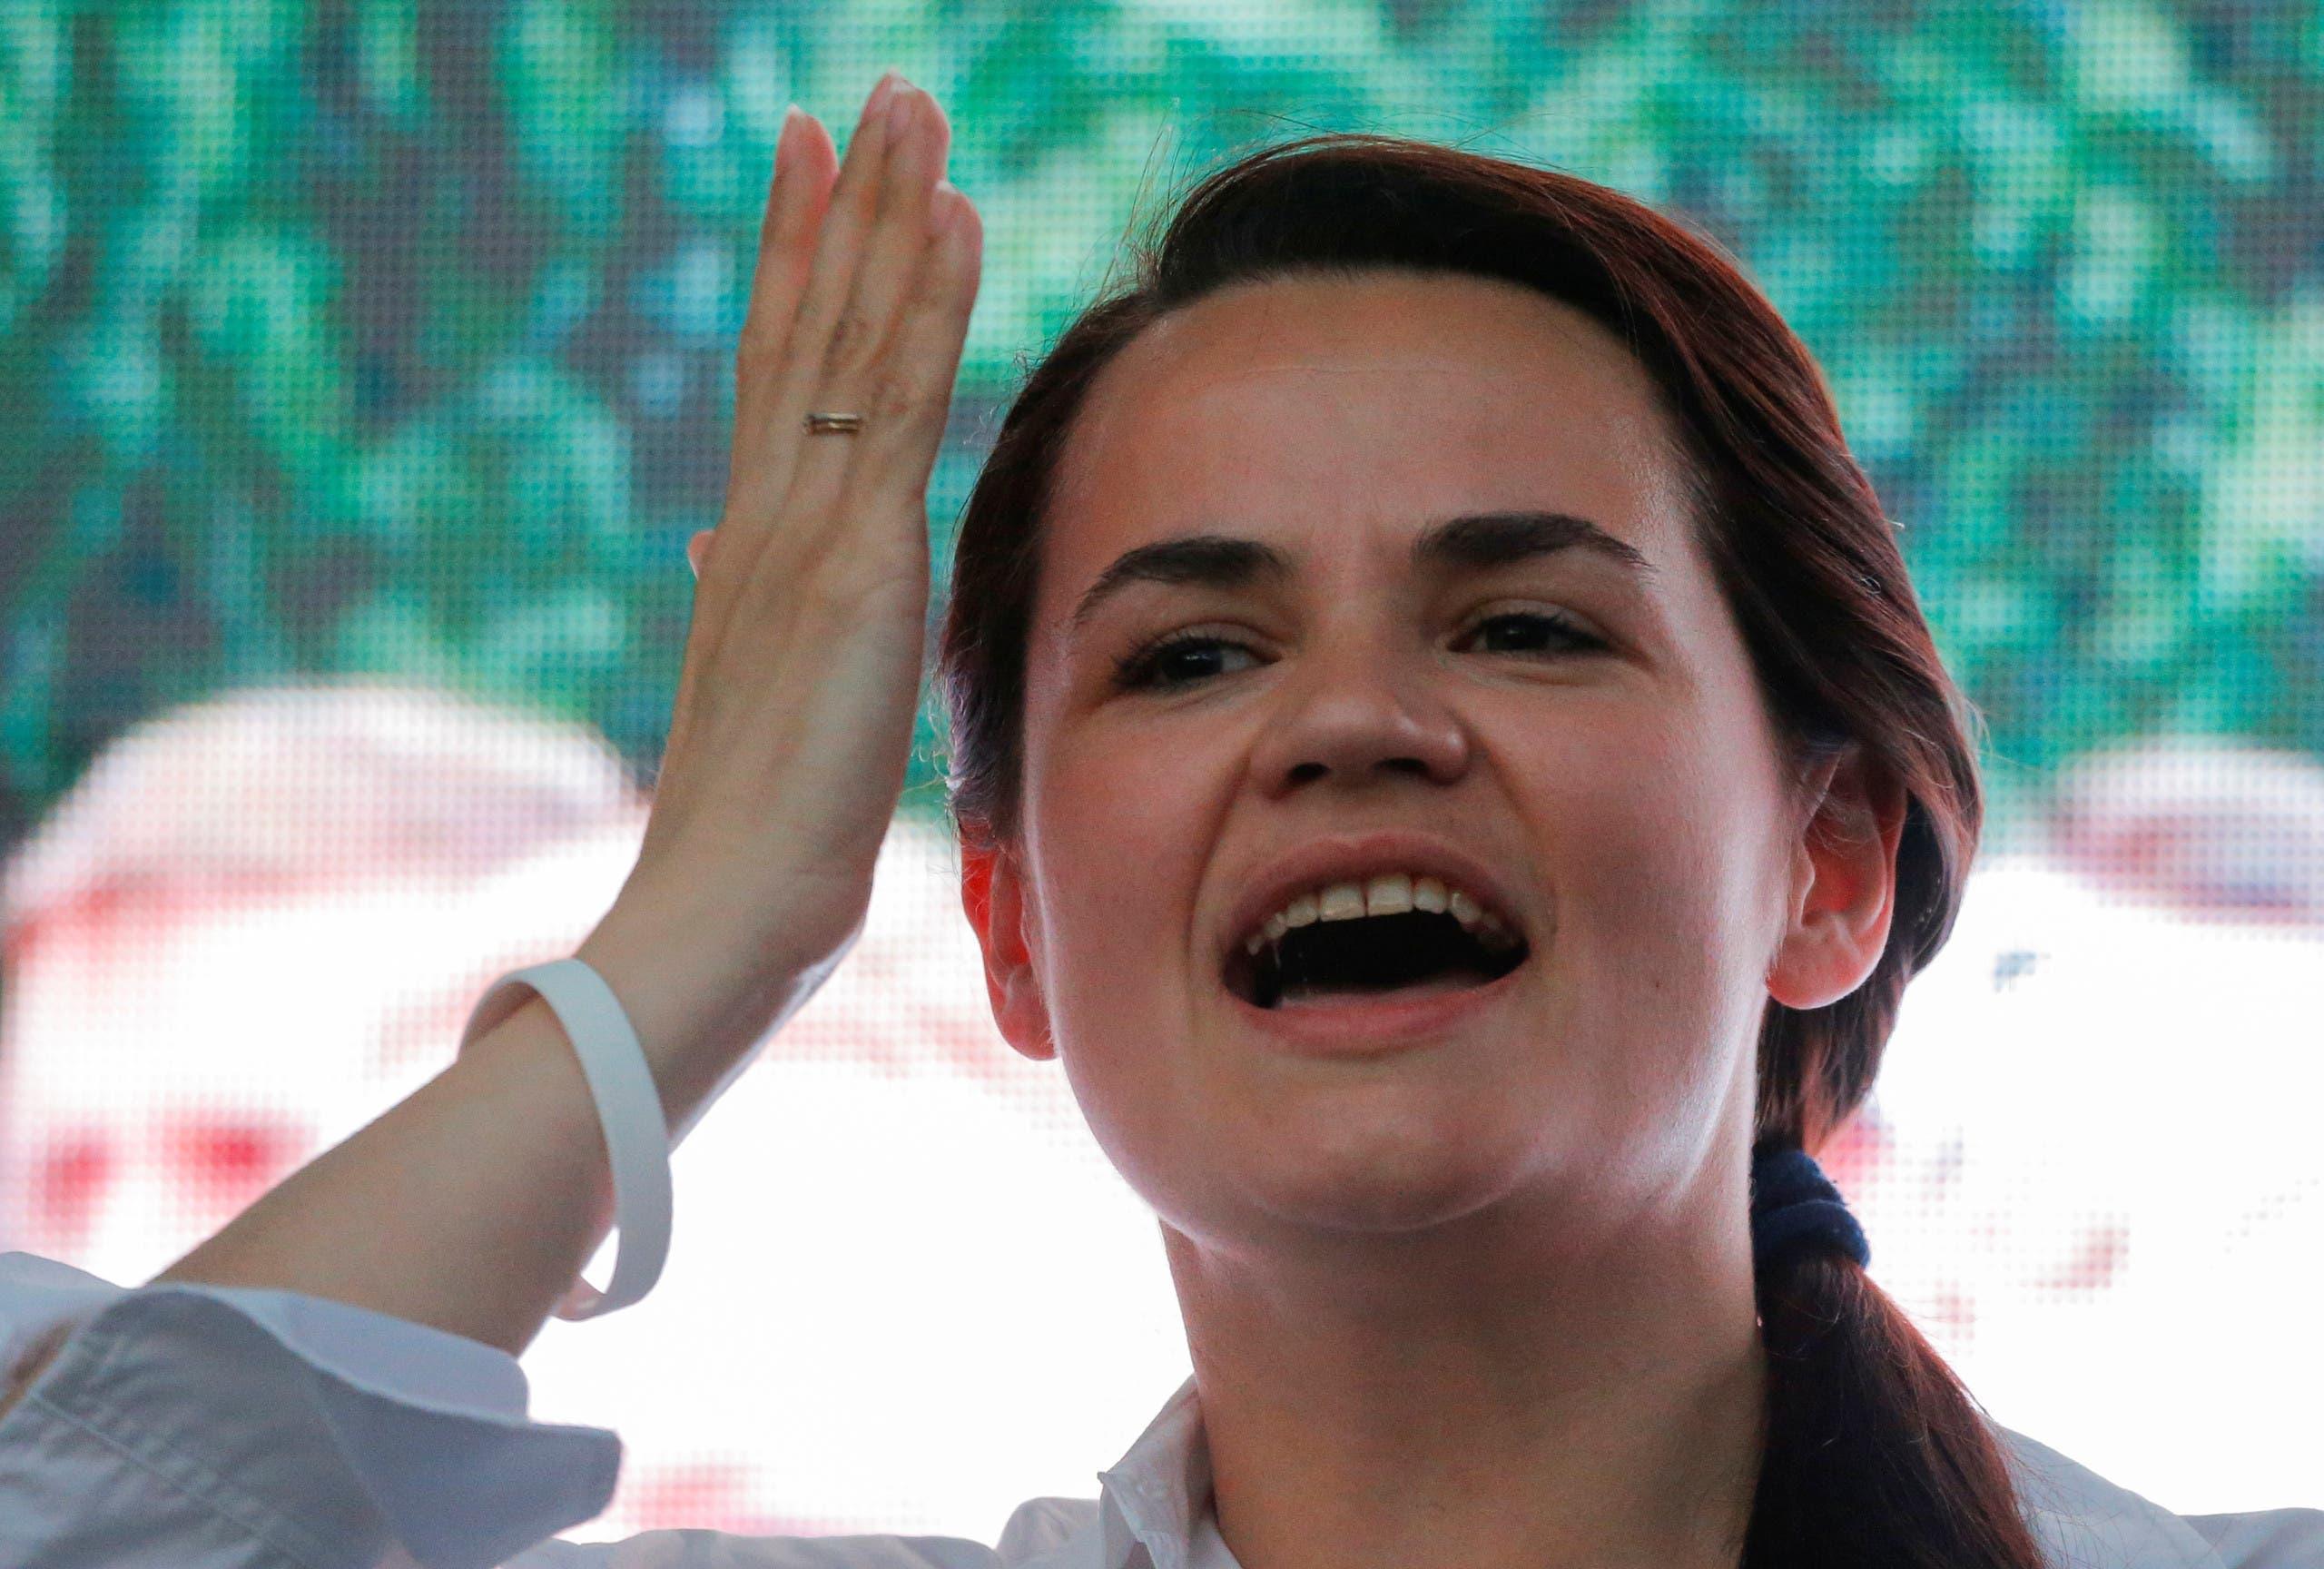 مرشحة المعارضة للانتخابات الرئاسية سفيتلانا تيخانوسكايا